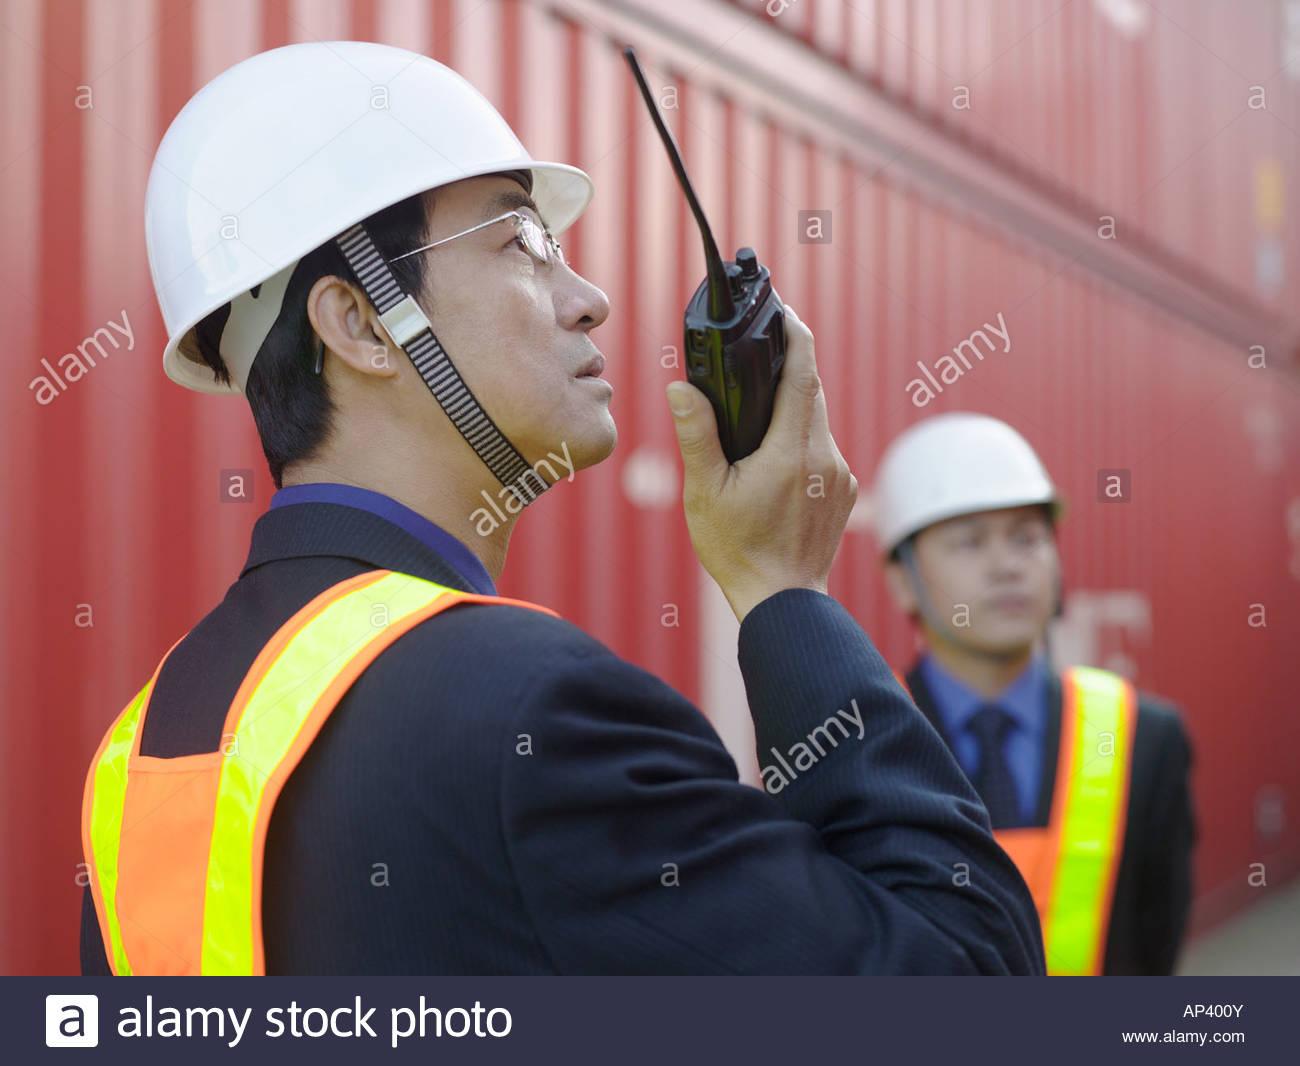 Man using walkie talkie - Stock Image